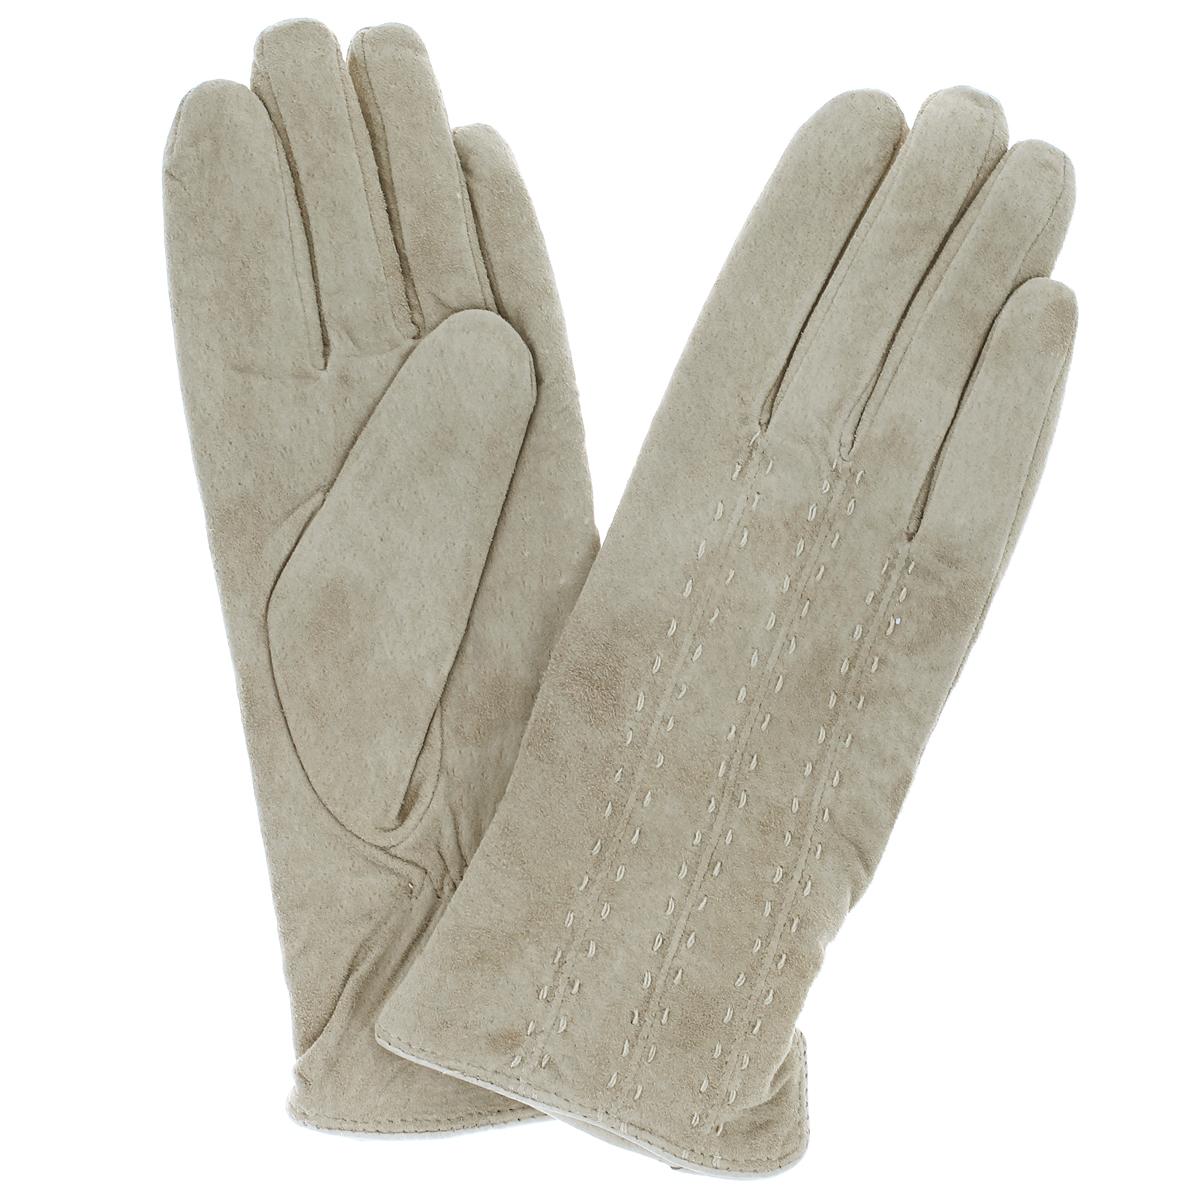 Перчатки женские Dali Exclusive, цвет: слоновая кость. SP11_VASSA/BEIGE. Размер 6,5SP11_VASSA/BEIGEСтильные перчатки Dali Exclusive с подкладкой из шерсти выполнены из мягкой и приятной на ощупь натуральной замши.Лицевая сторона оформлена декоративными стежками. Такие перчатки подчеркнут ваш стиль и неповторимость и придадут всему образу нотки женственности и элегантности.